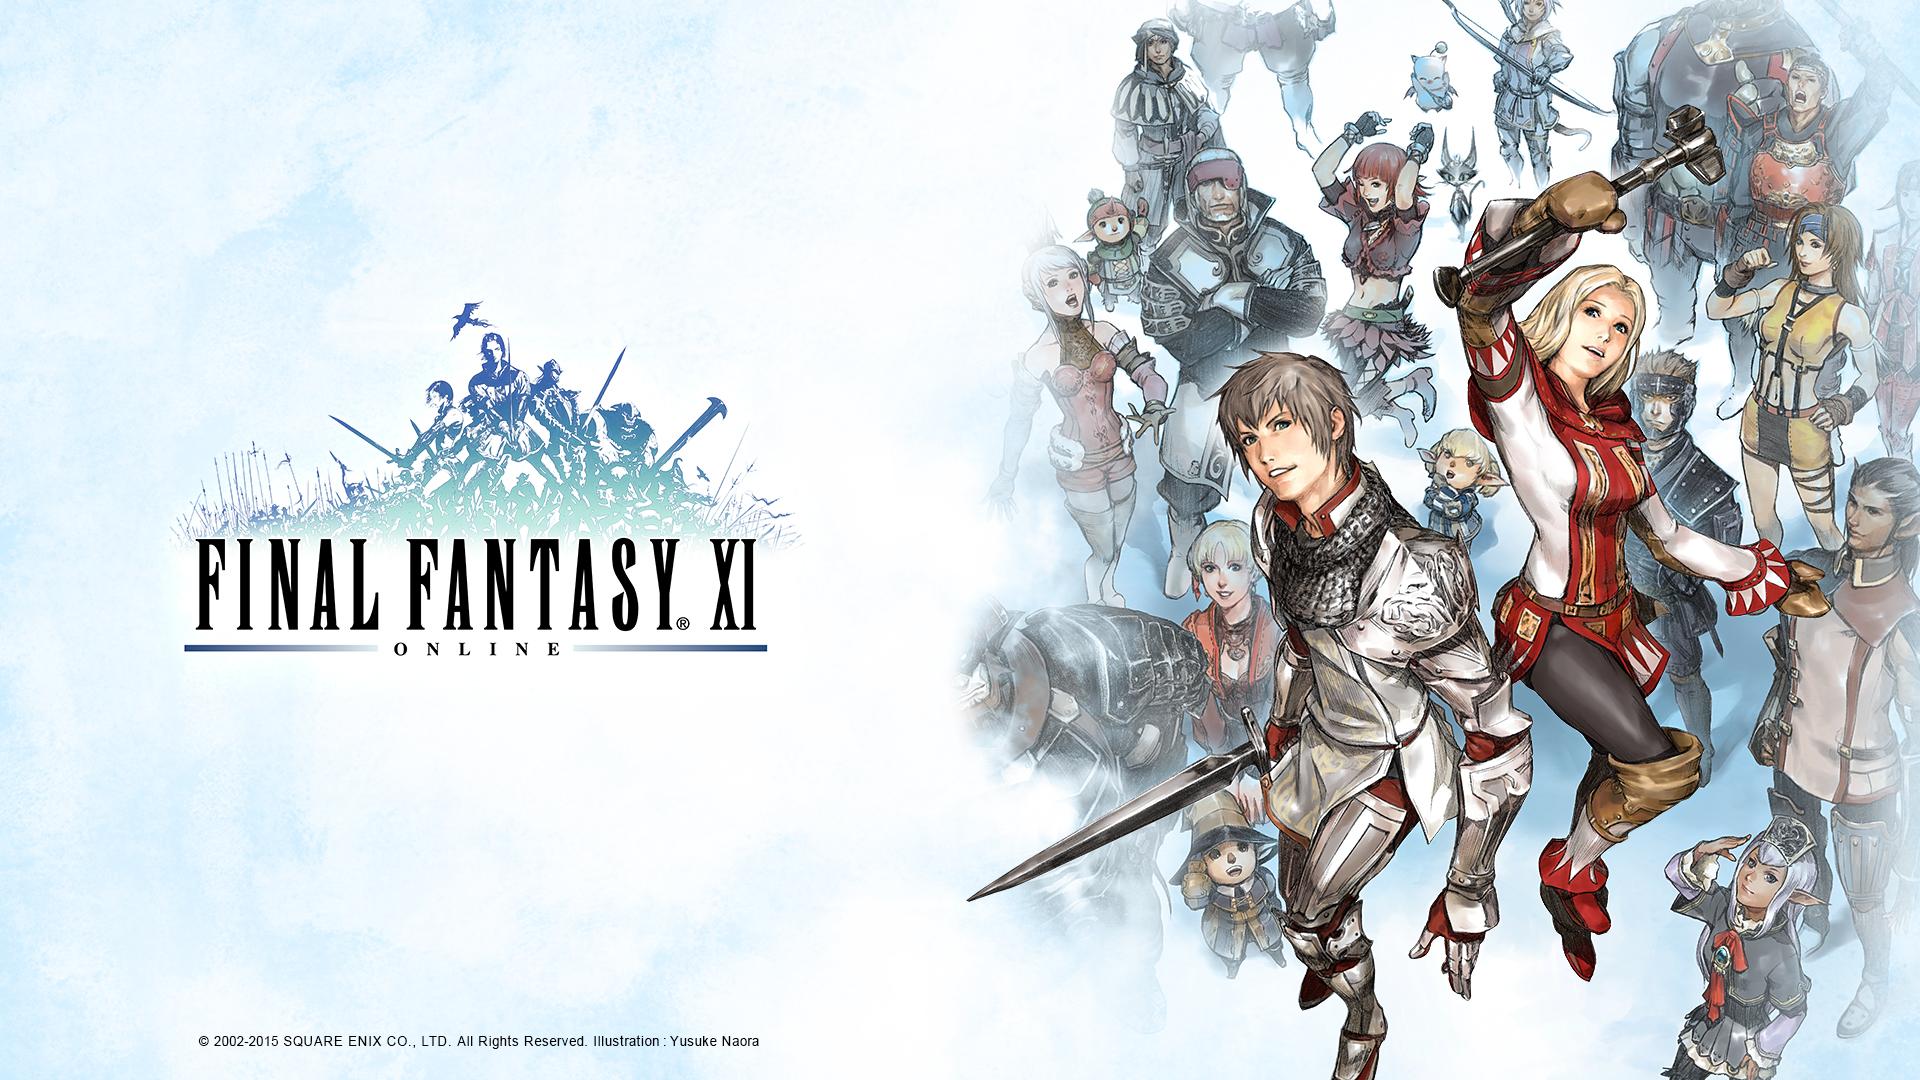 El productor de Final Fantasy XI dio detalles de la nueva actualización a 18 años de su lanzamiento